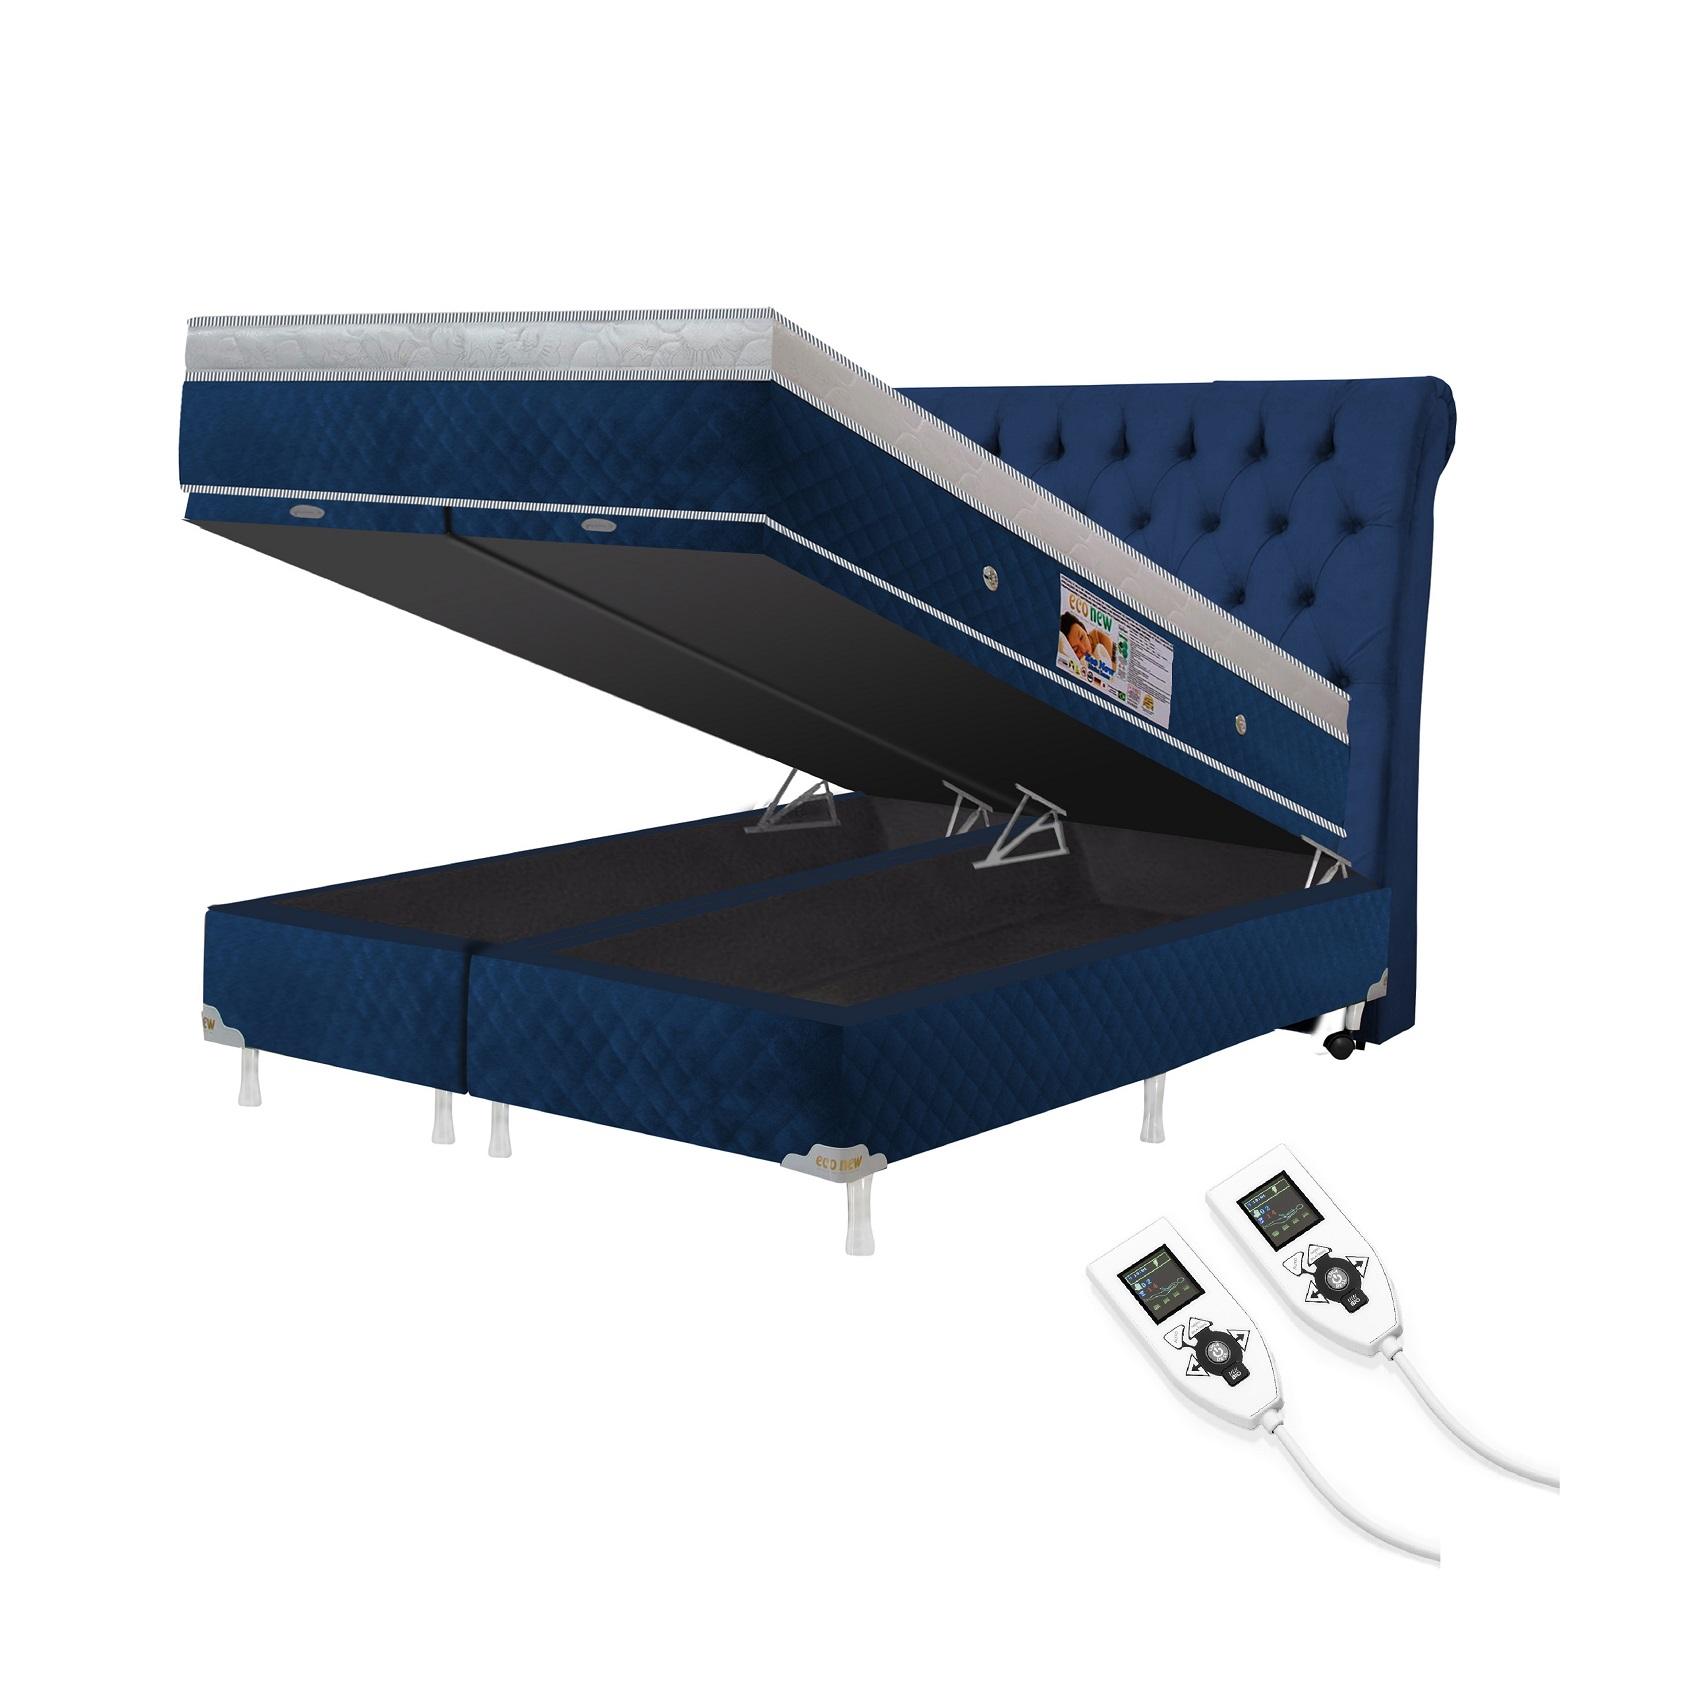 Cama Box Baú + Colchão Magnético King Premium Massageador 2 Controles Bio quântico (Tamanho 1,93X2,03)